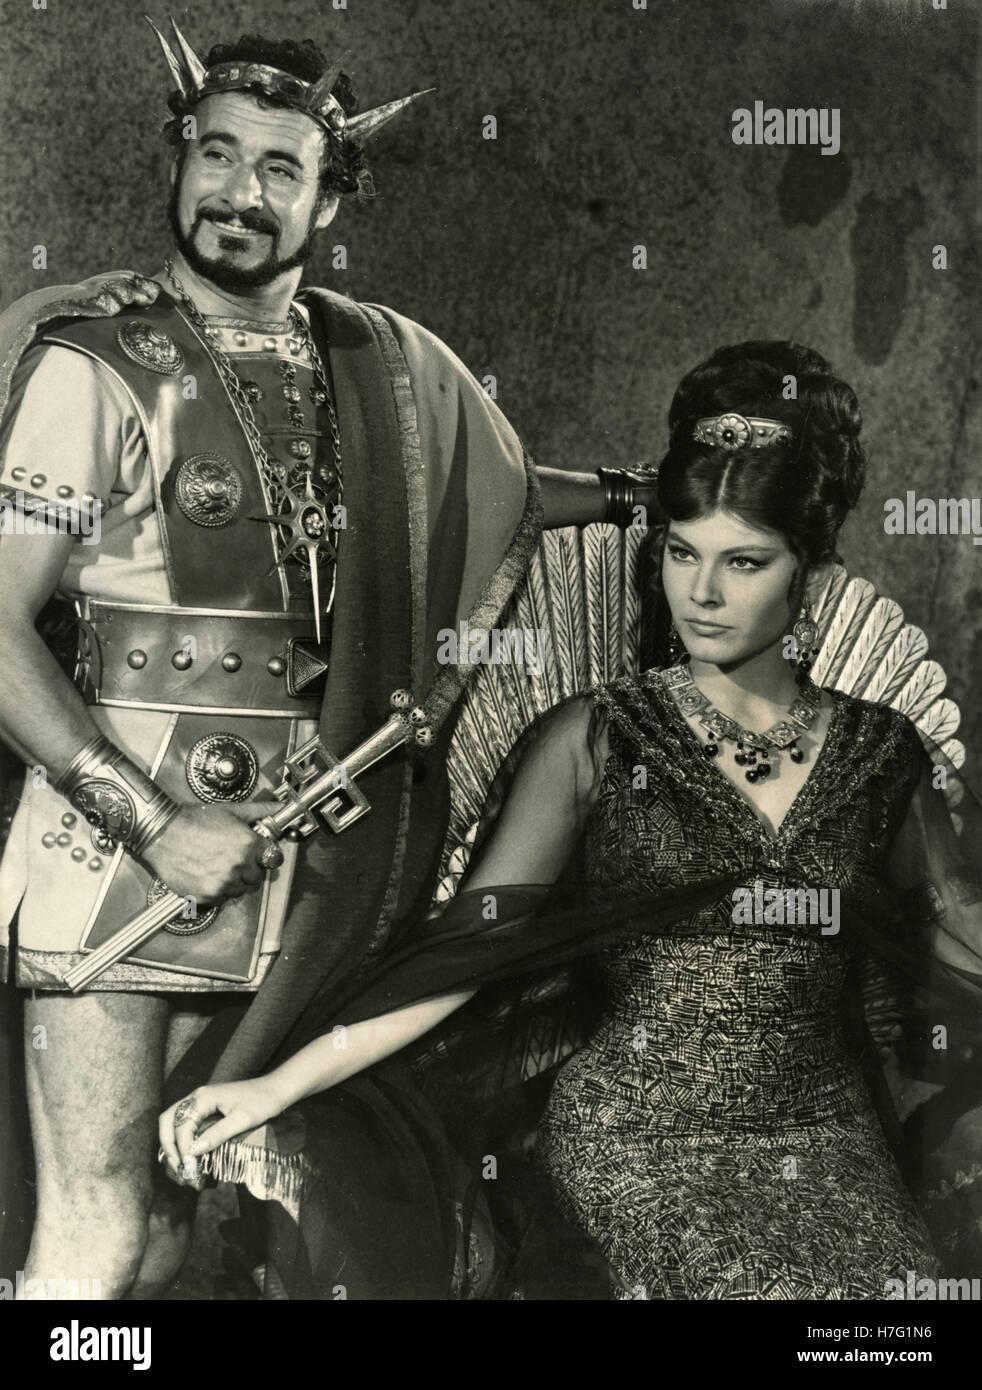 Italian actors Adriano Micantoni and Claudia Mori in the movie Ursus nella Terra di Fuoco, Italy 1963 - Stock Image